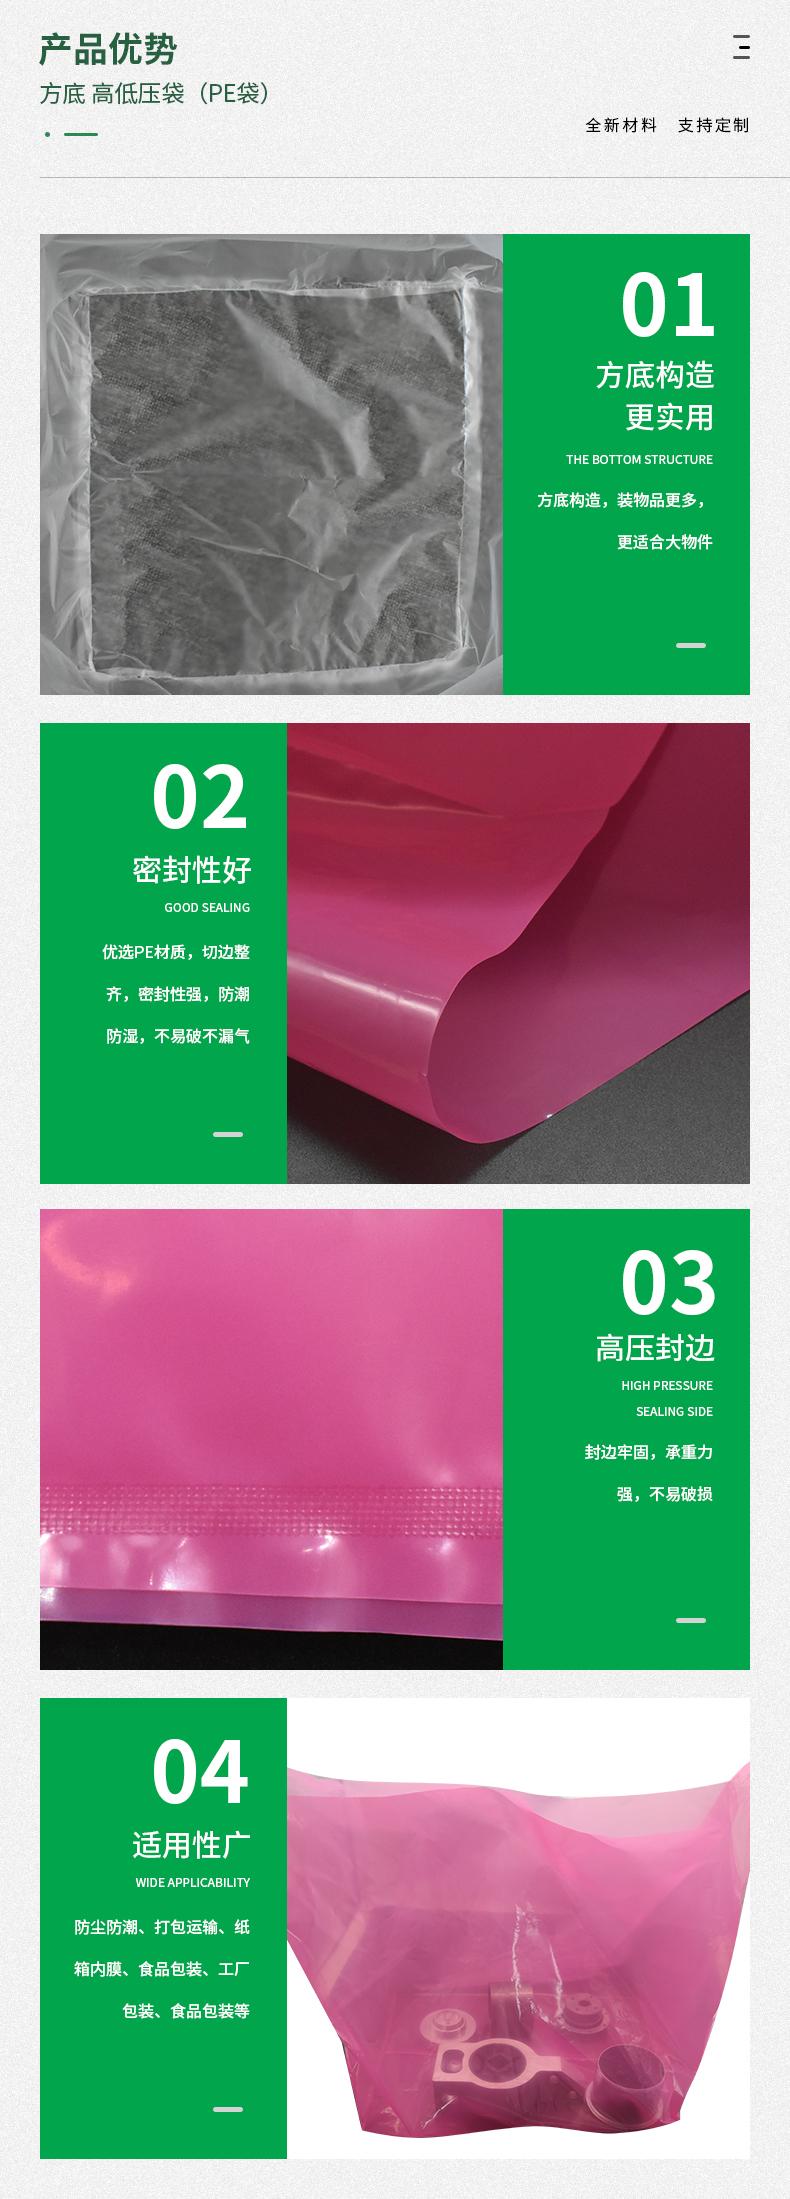 方底-高低压袋(PE袋)_05.jpg